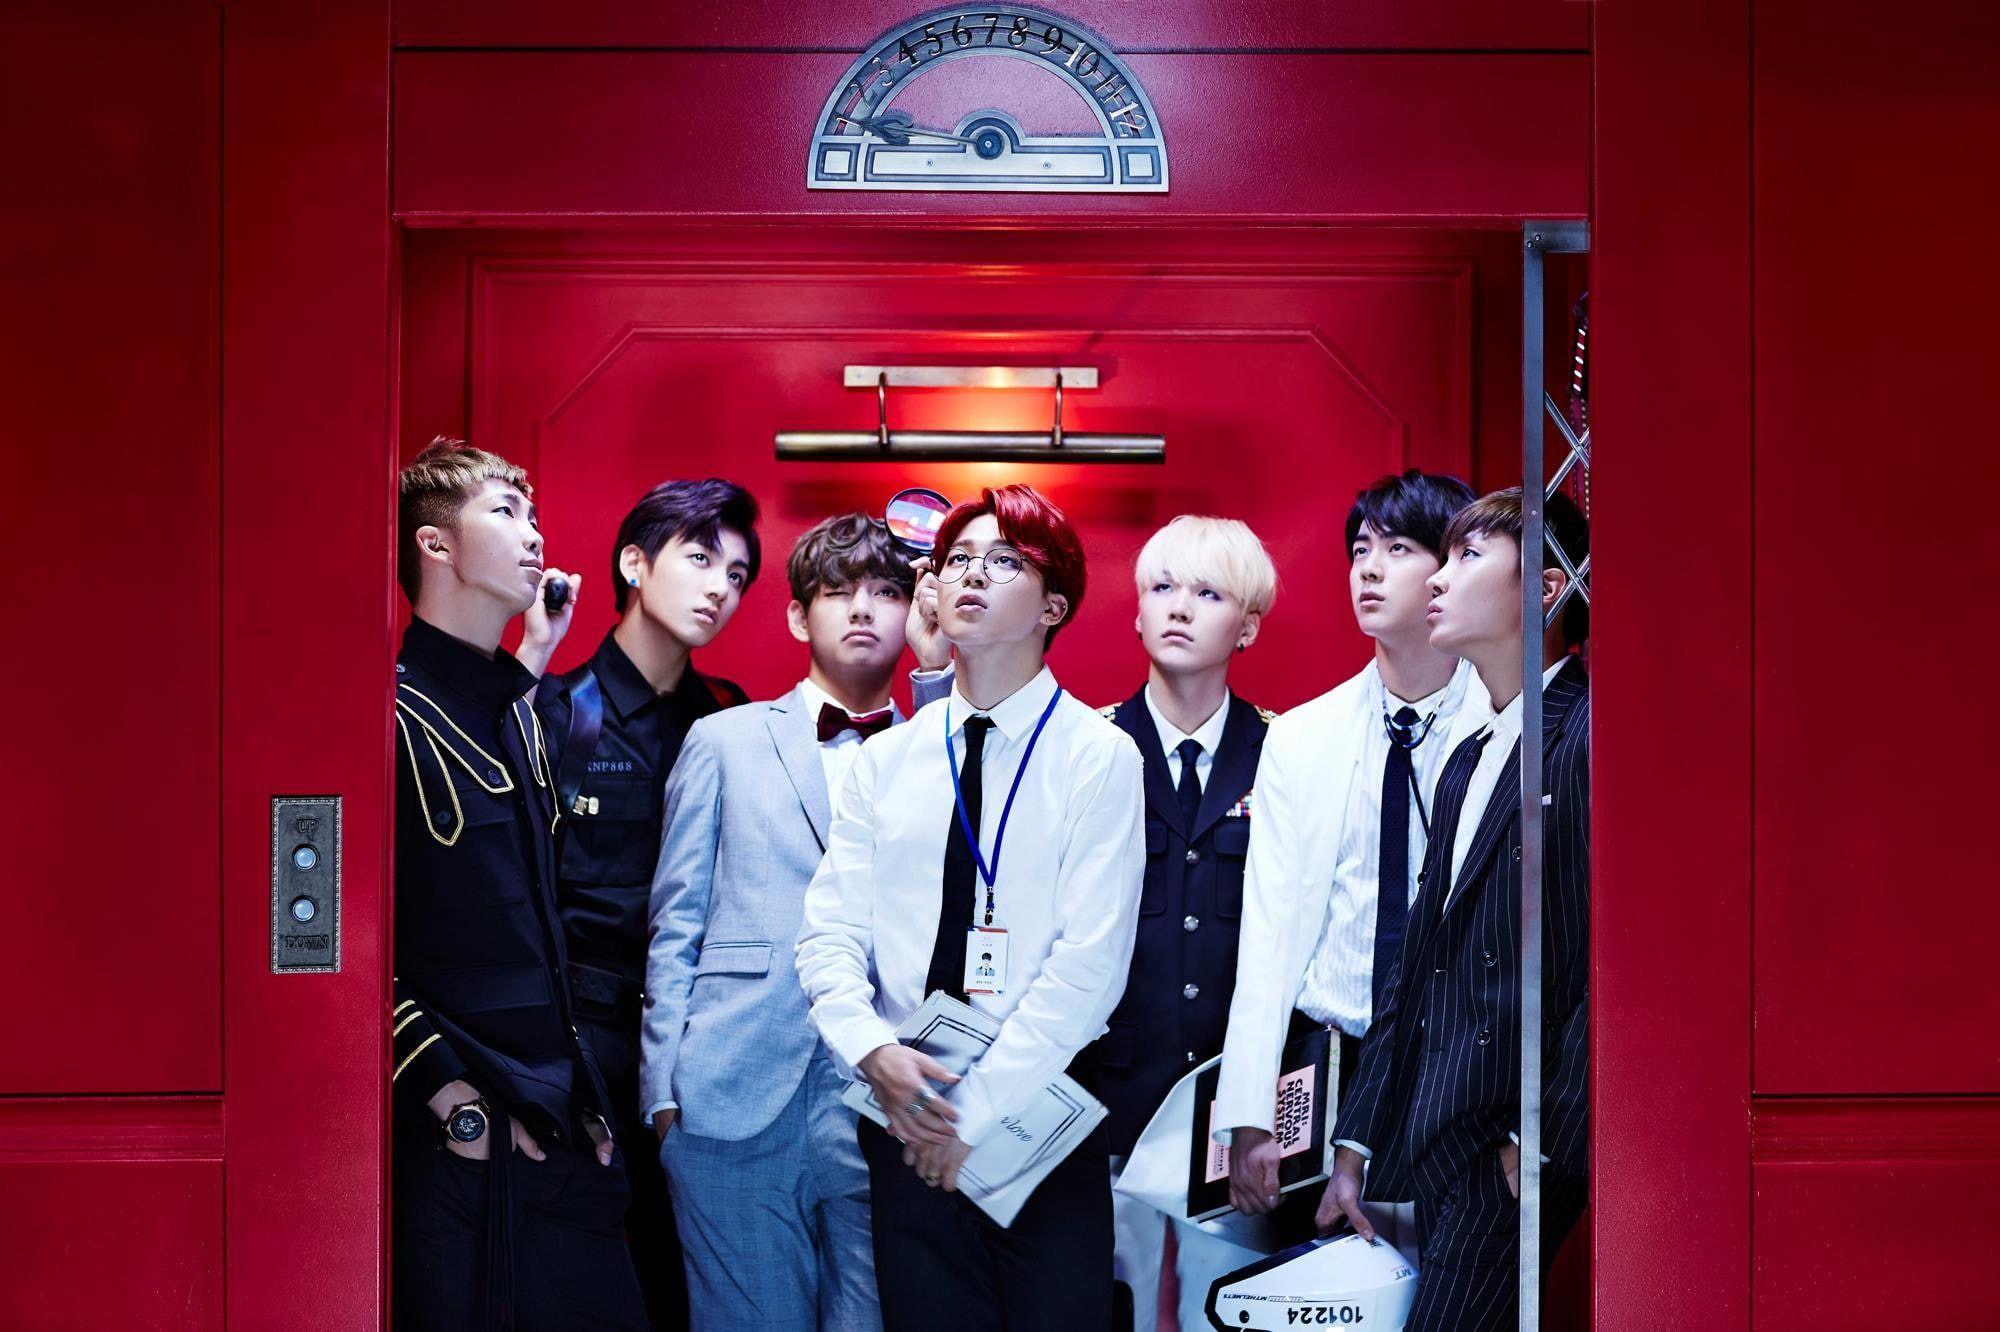 Boy Bands Bts Elevator J Hope Jimin Jin Bts Jungkook K Pop Rap Monster Suga V Bts 1080p Wallpaper Hdwallpaper In 2020 Bts Jin K Pop Boy Band Bts Concept Photo